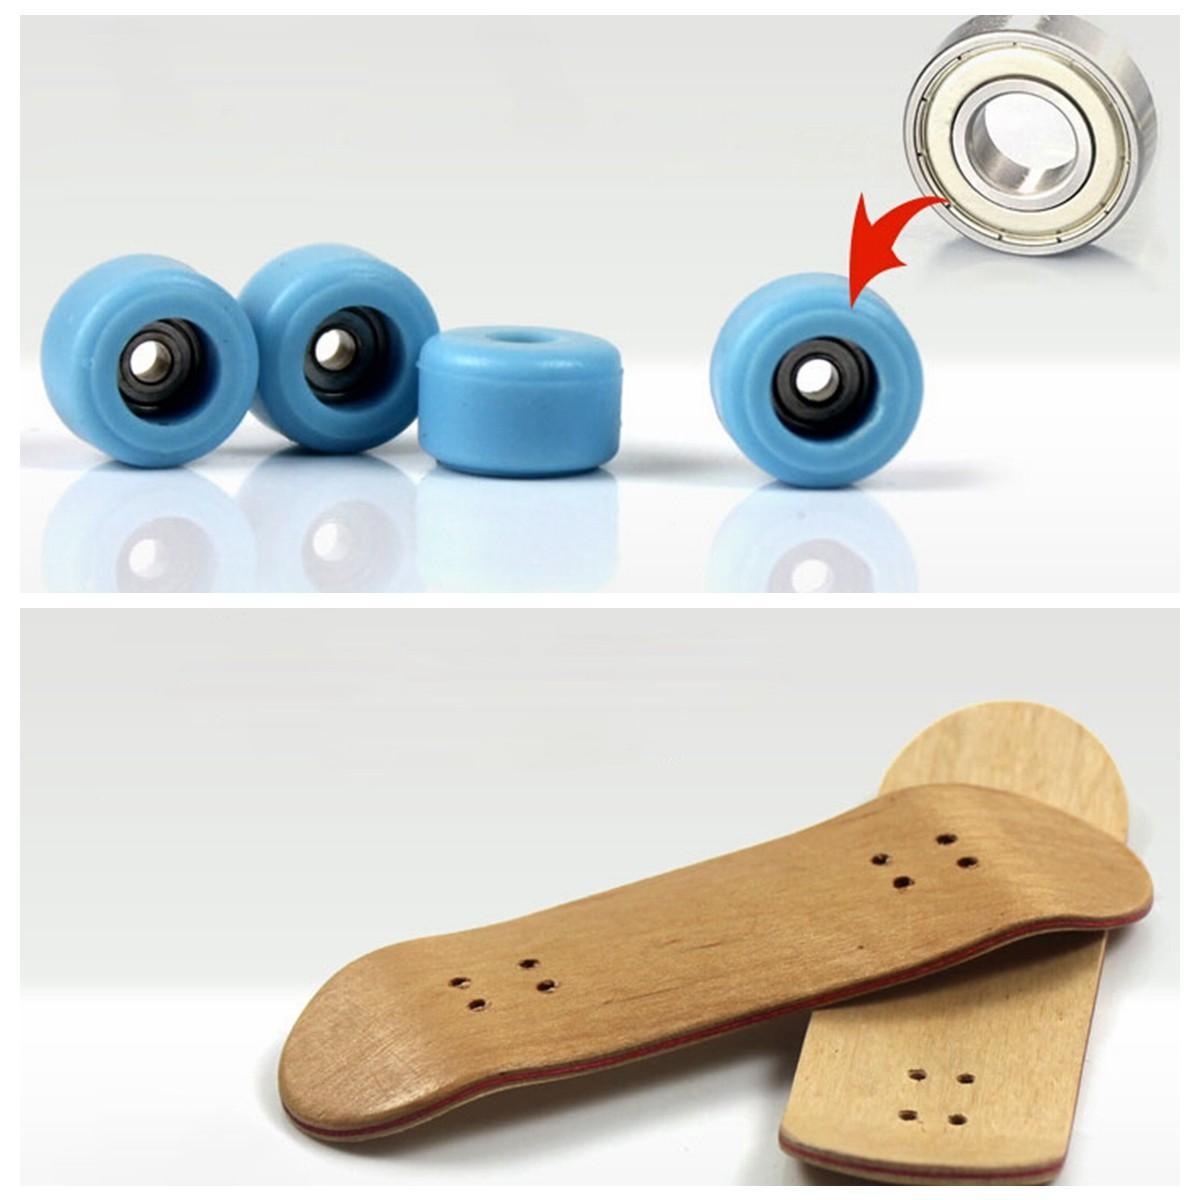 Houten dek toetsboard esdoorn hout met lagers Kids Gift Decorations - 9